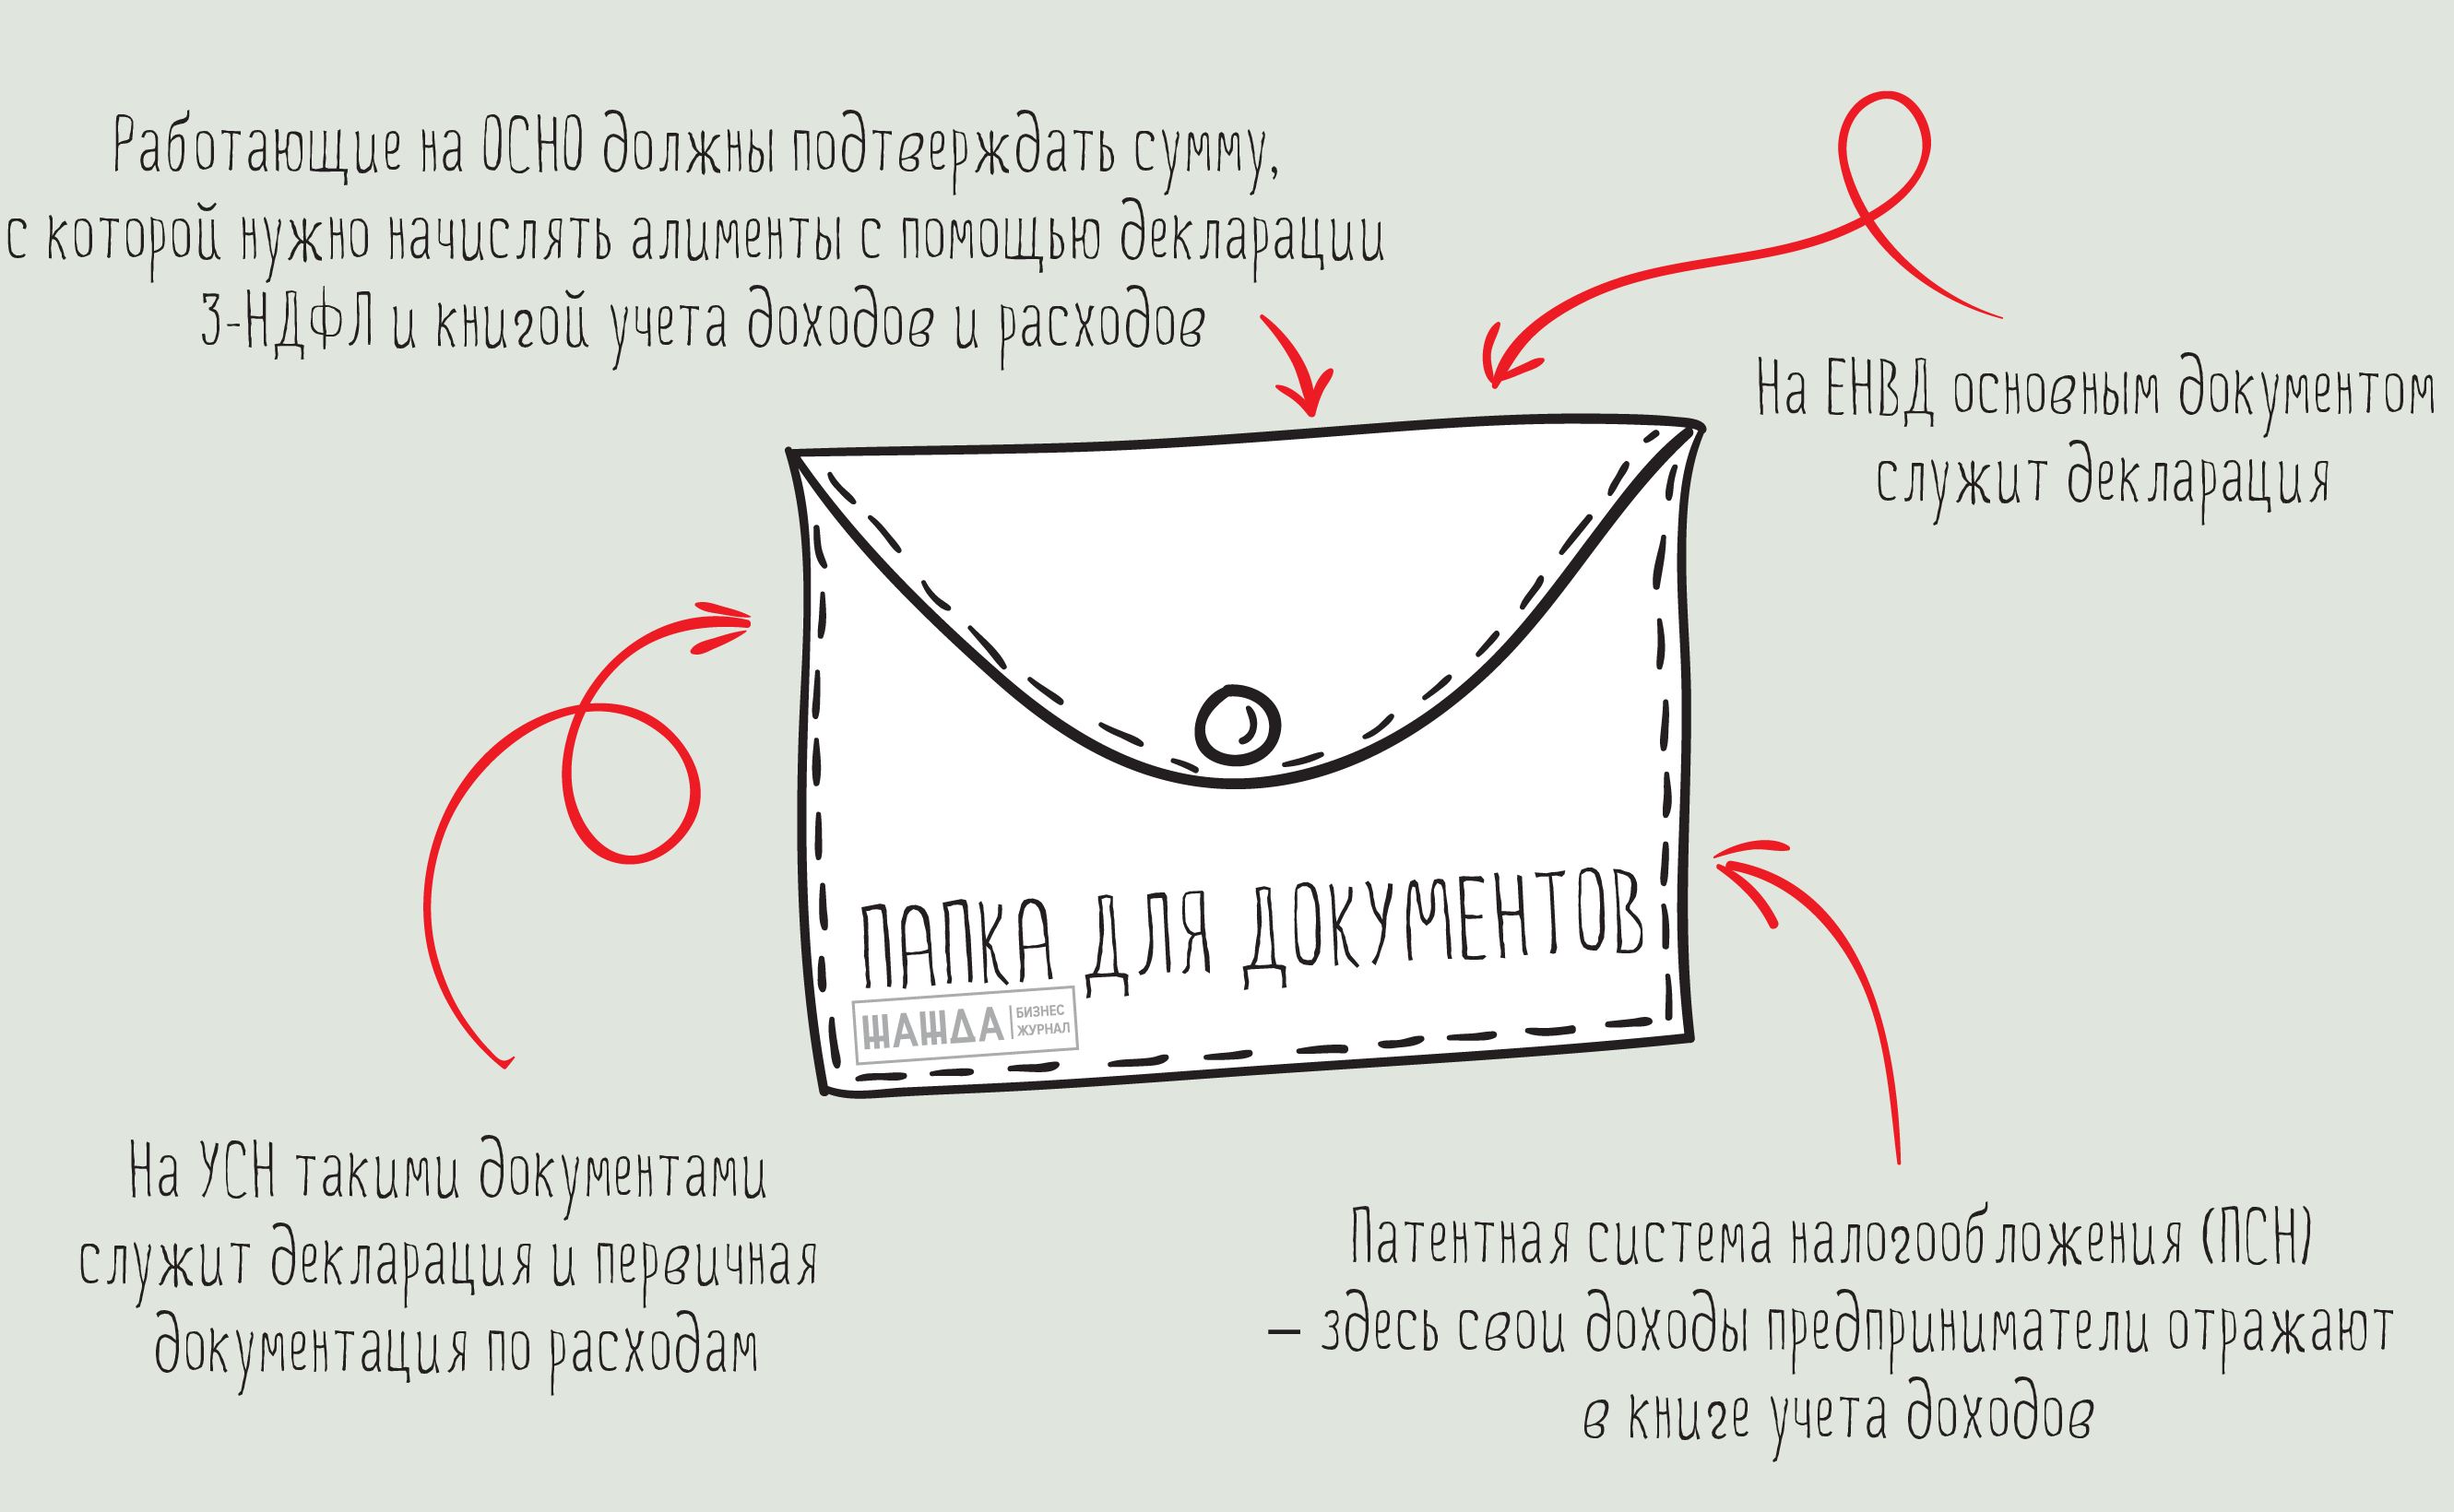 Документы для подтверждения доходов предпринимателя